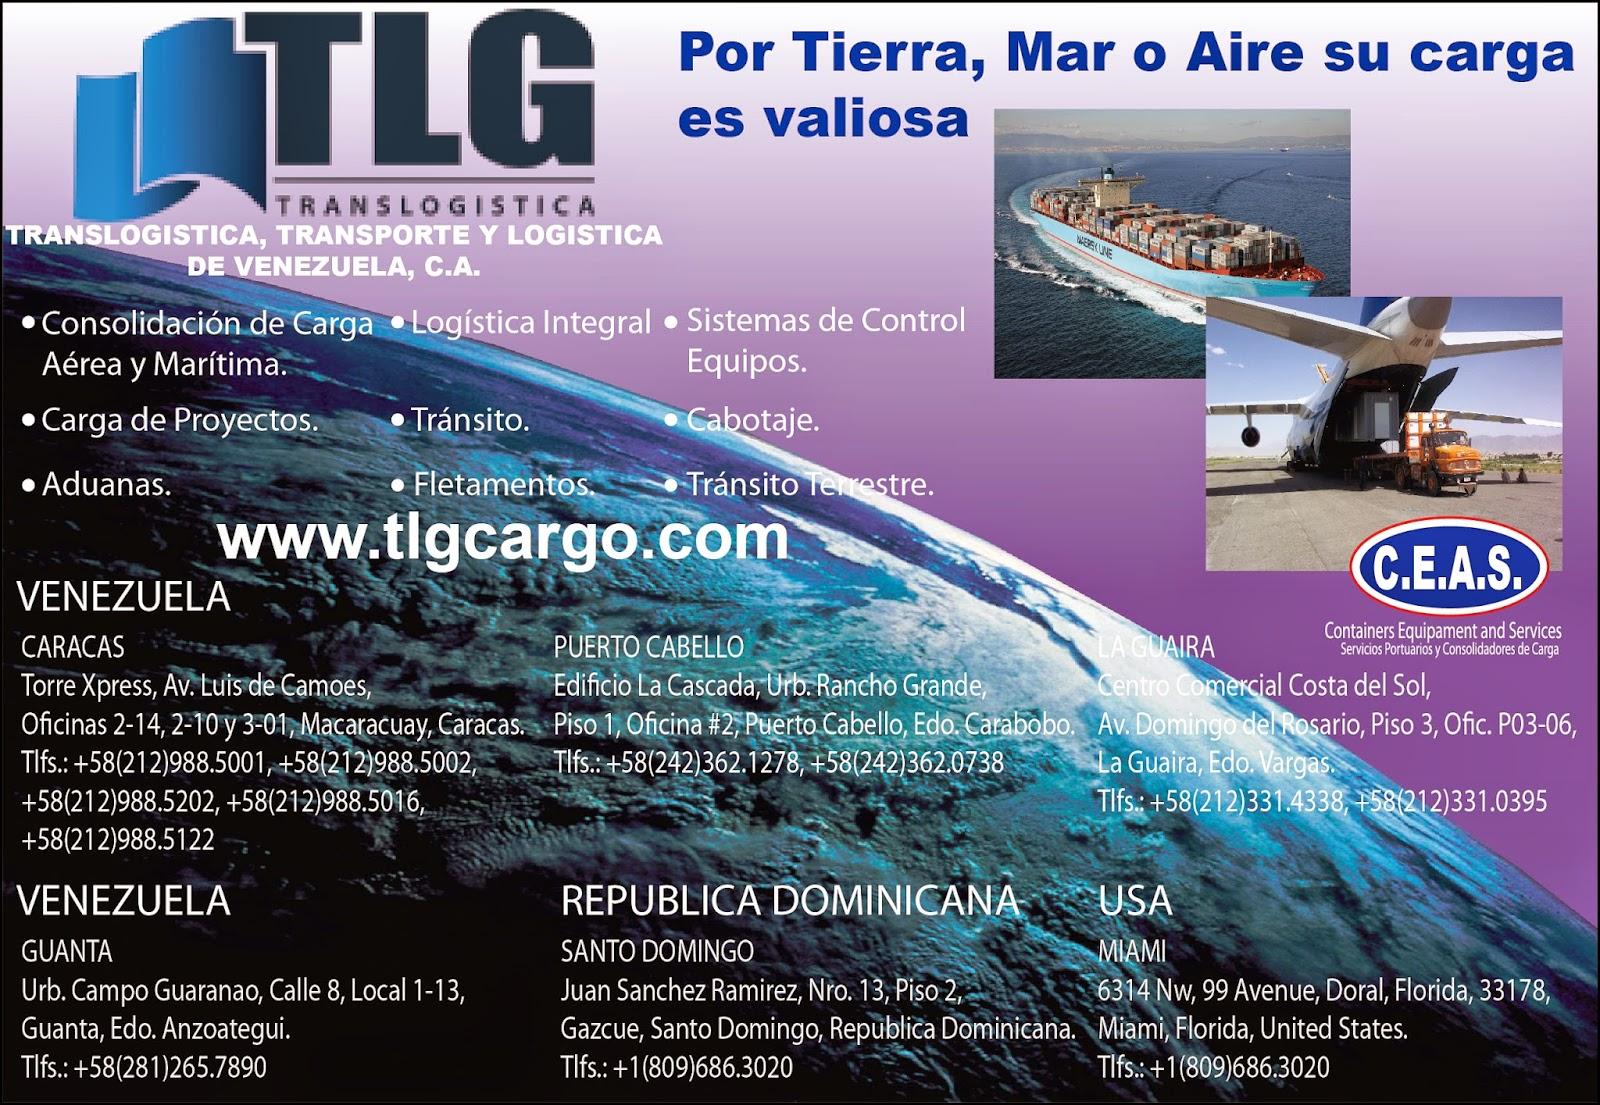 TRANSLOGISTICA TLG en Paginas Amarillas tu guia Comercial